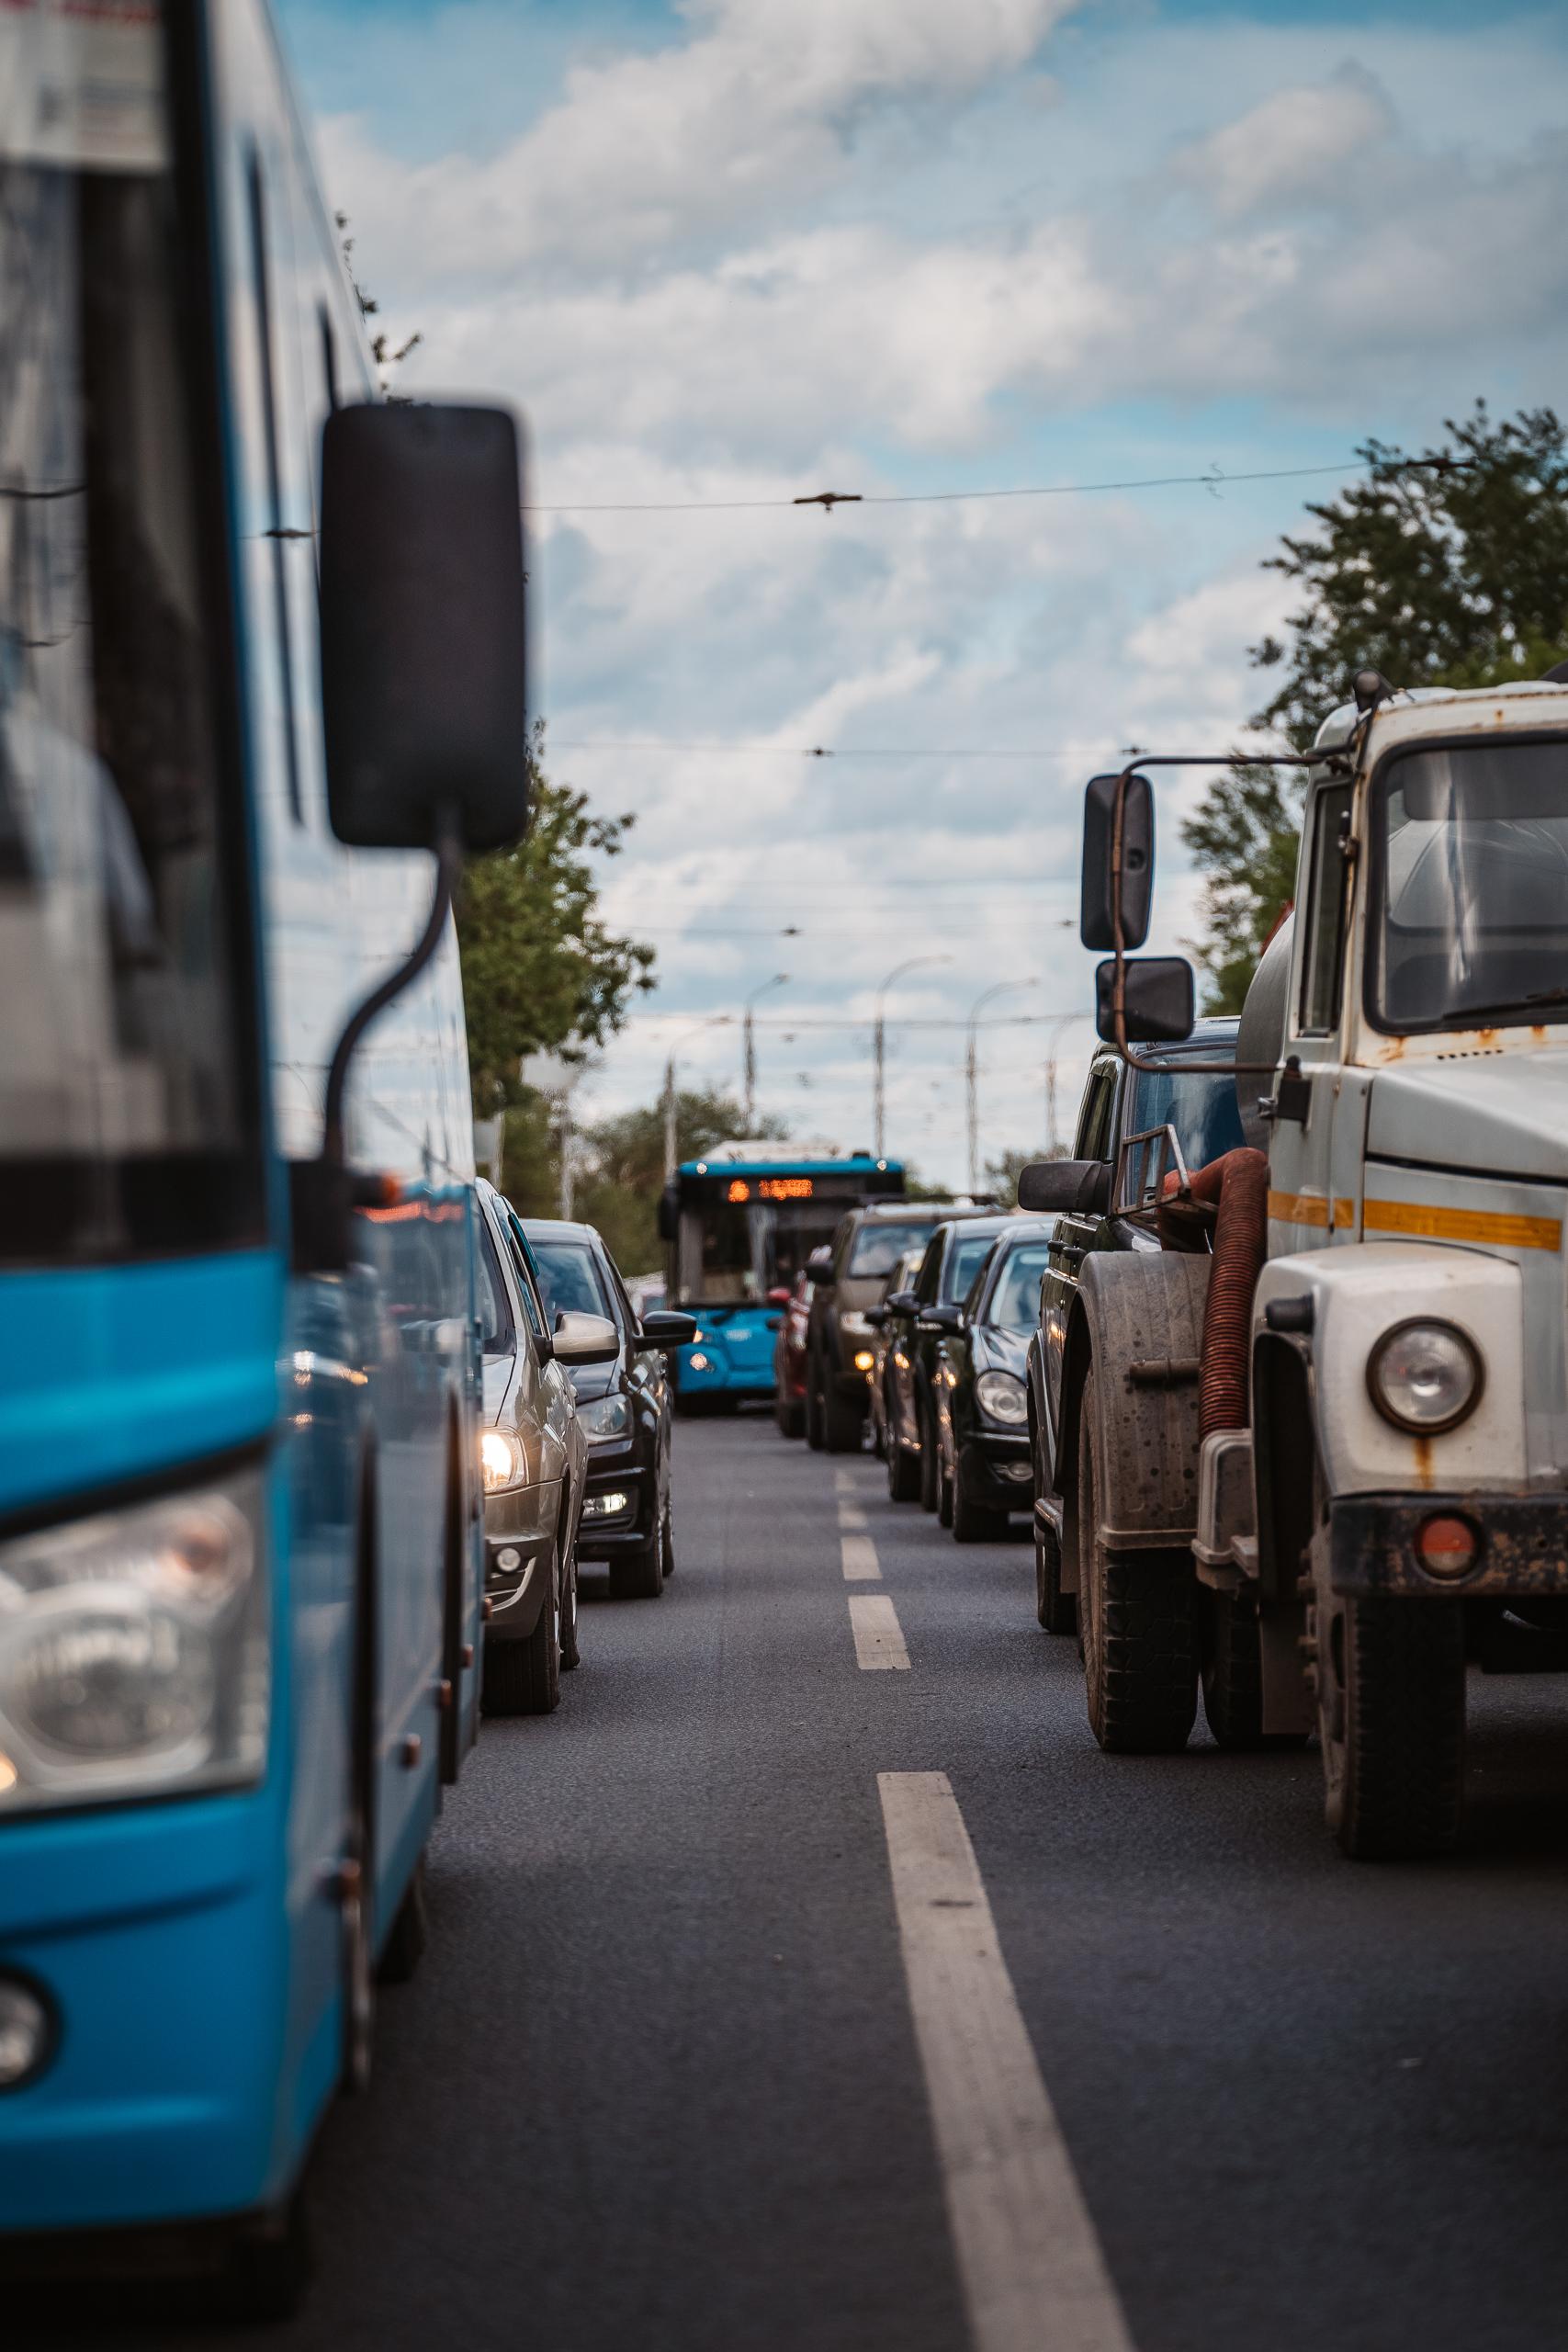 За водителями в Тверской области будут следить «Стрижи» и «Кордоны Про-М»